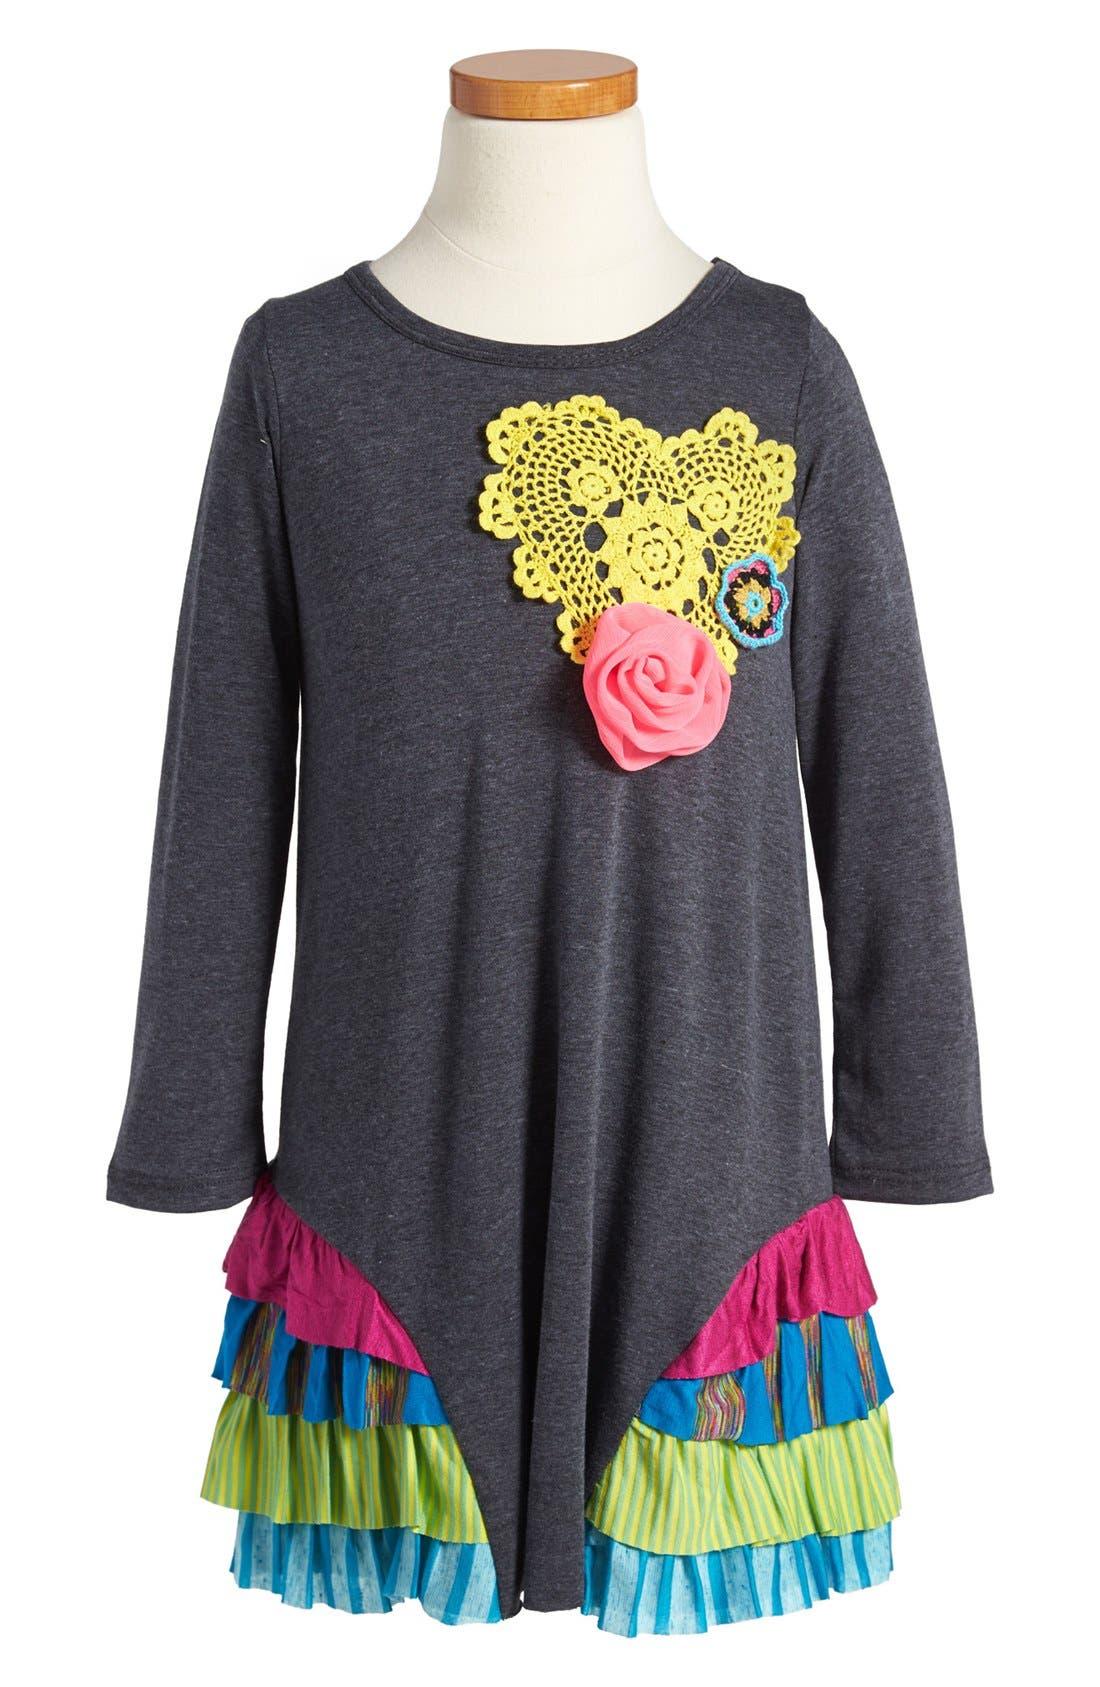 Alternate Image 1 Selected - Twirls & Twigs Knit Ruffle Dress (Little Girls & Big Girls)